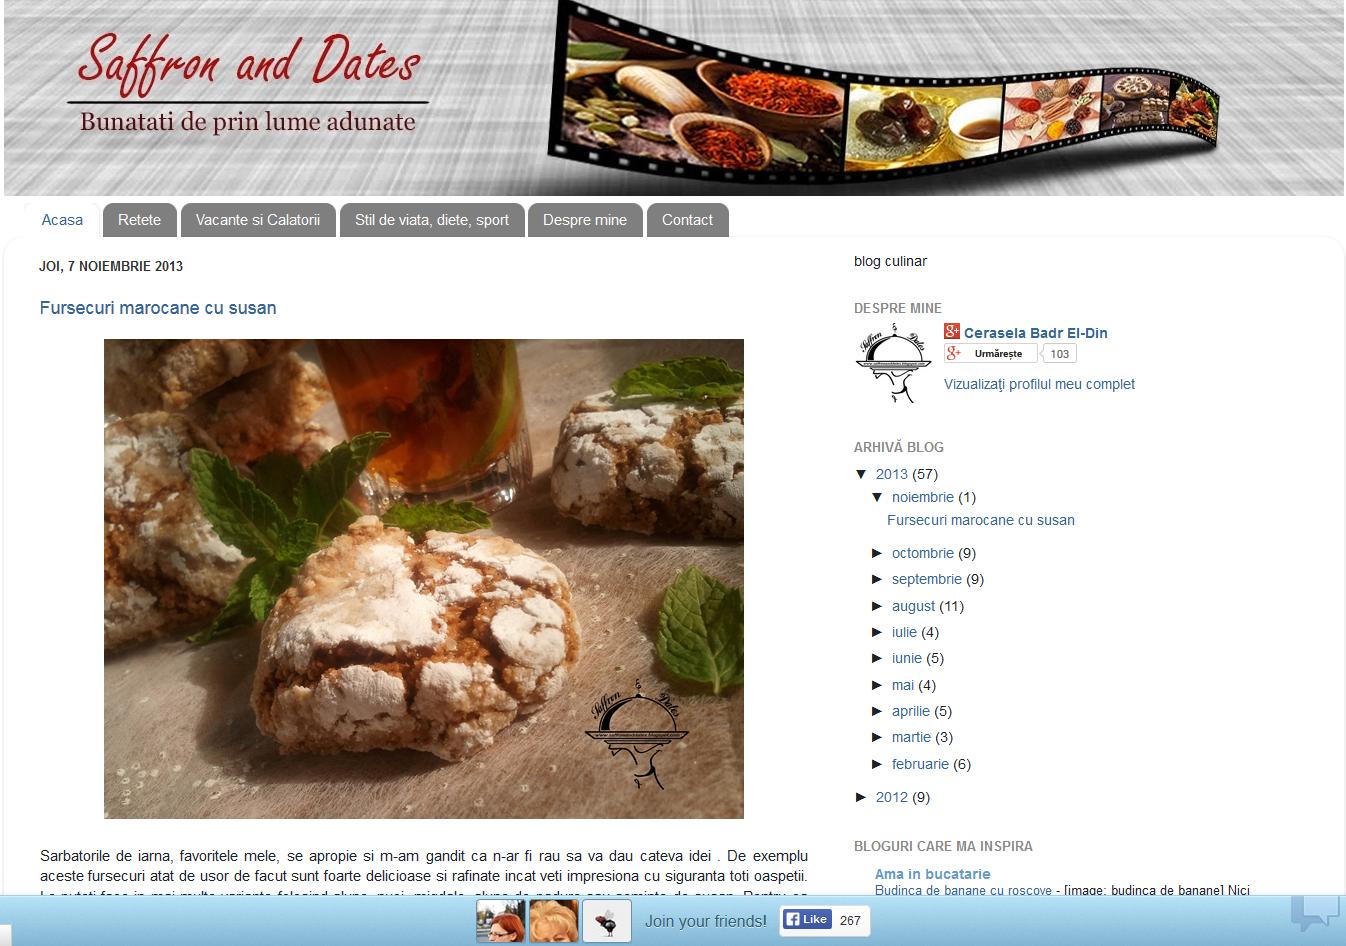 http://saffronanddates.blogspot.ro/